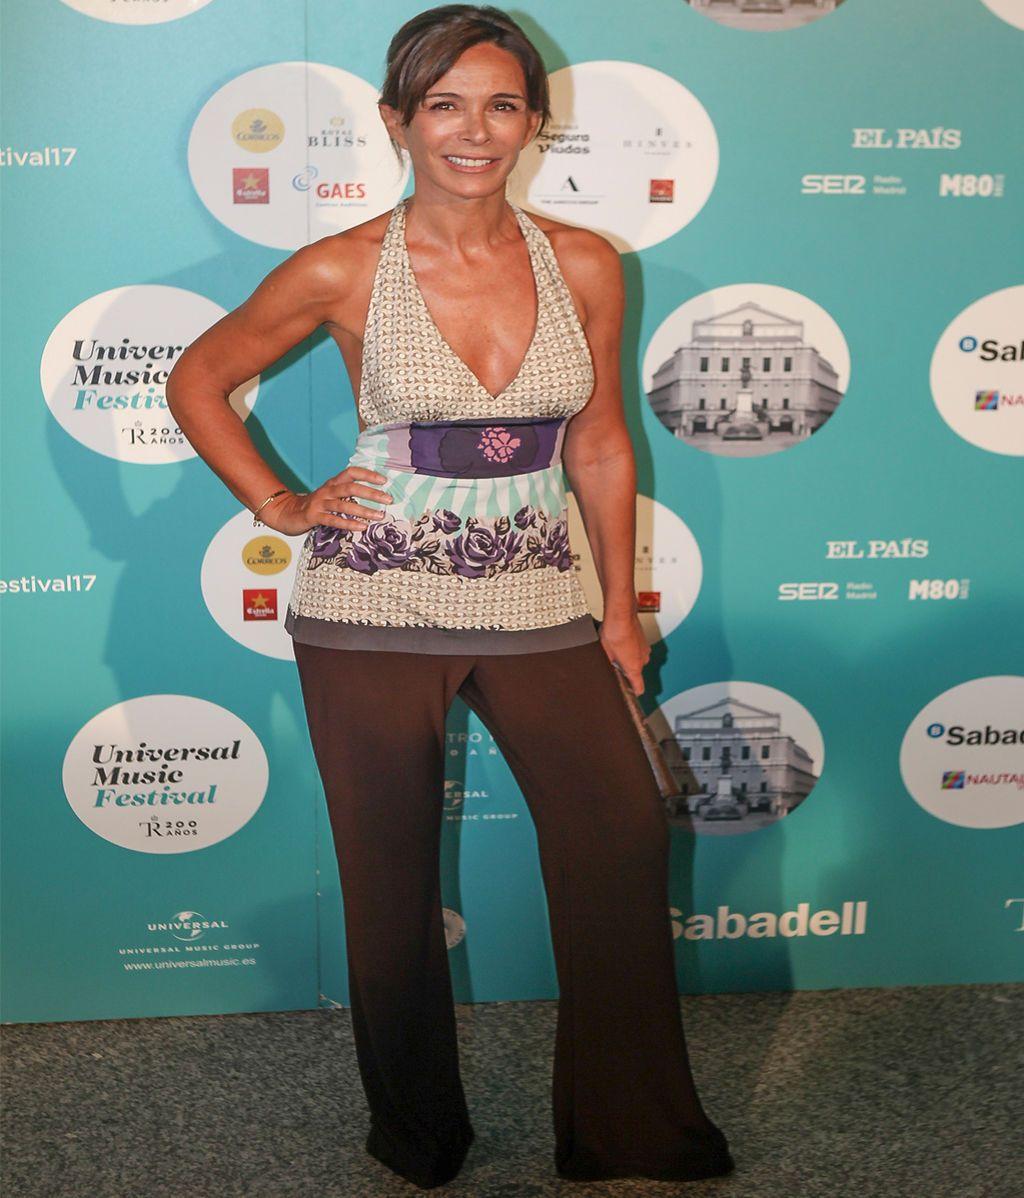 Lidia Bosch también asistió al concierto y muy bien acompañada